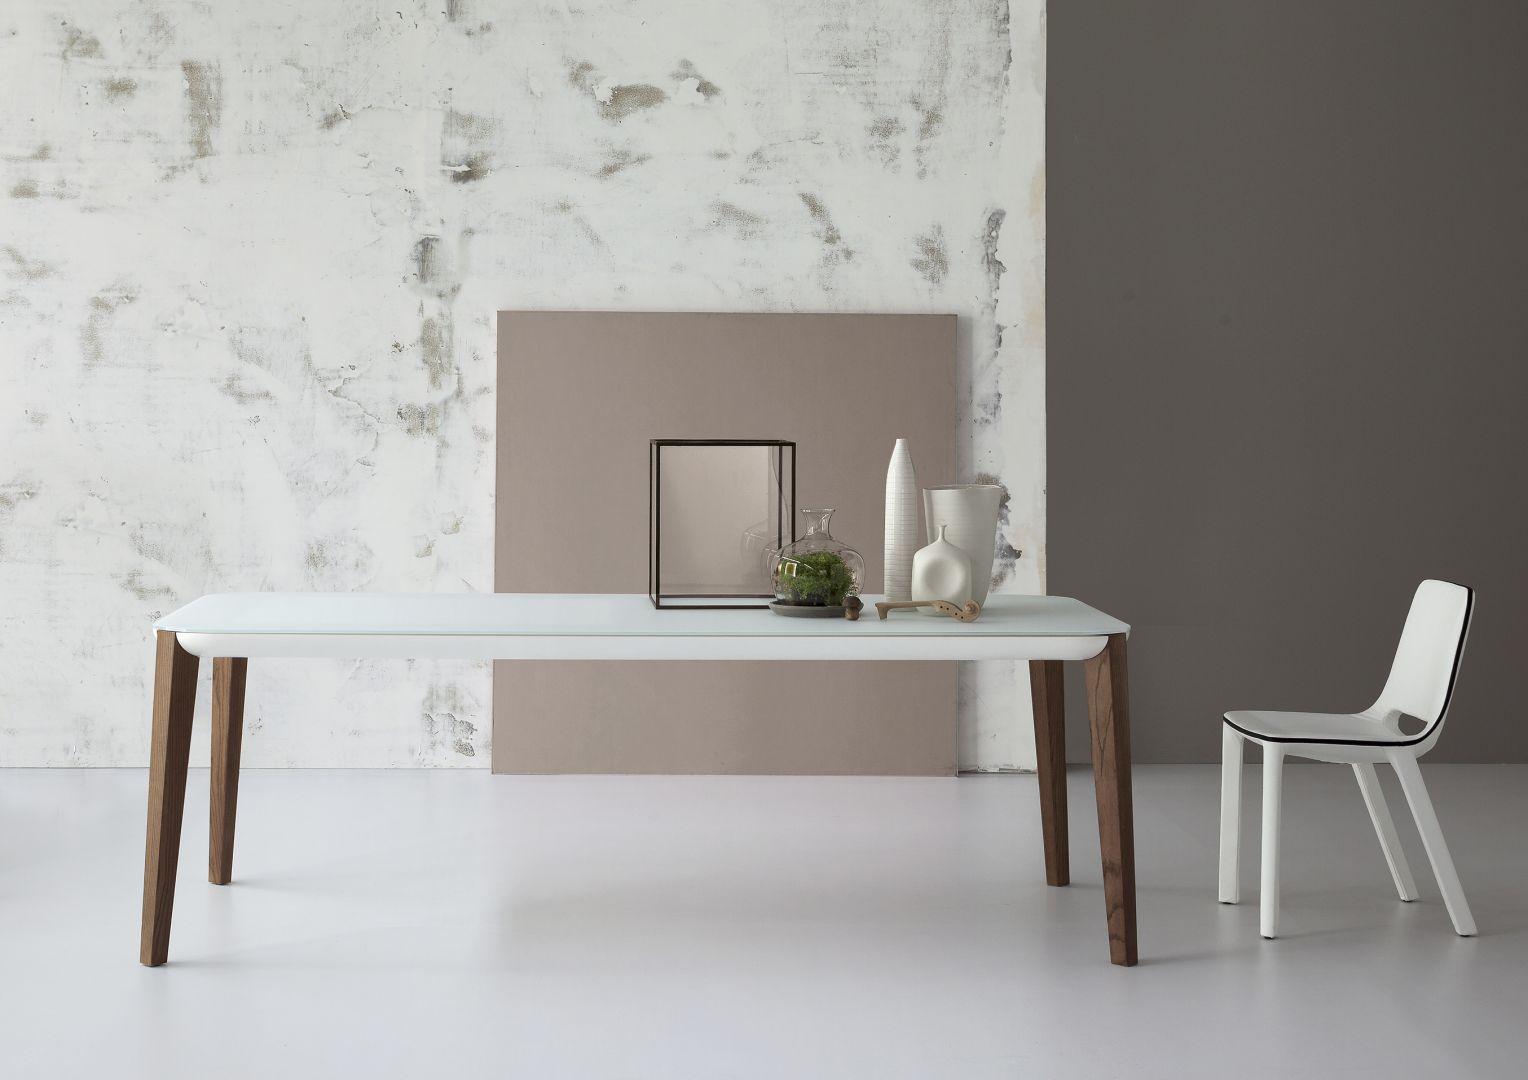 Delikatna forma jest dziś modna. Stół o takiej konstrukcji prezentuje się lekko i nowocześnie. Fot. Bonaldo